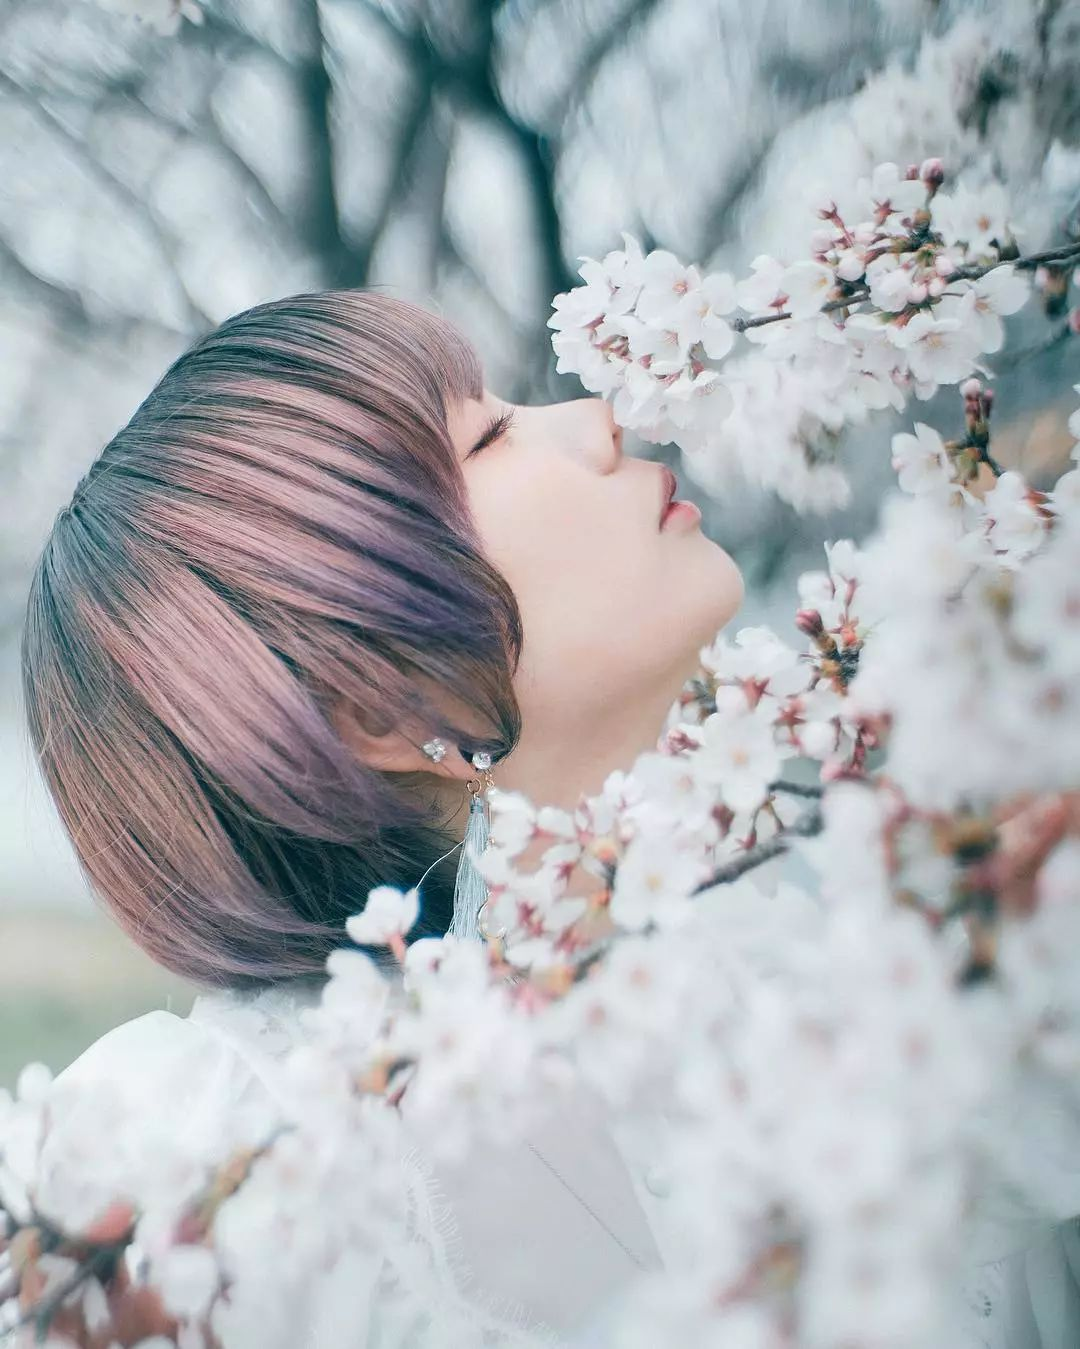 他拍摄的清新日系美女,看一看就让人心情舒畅!